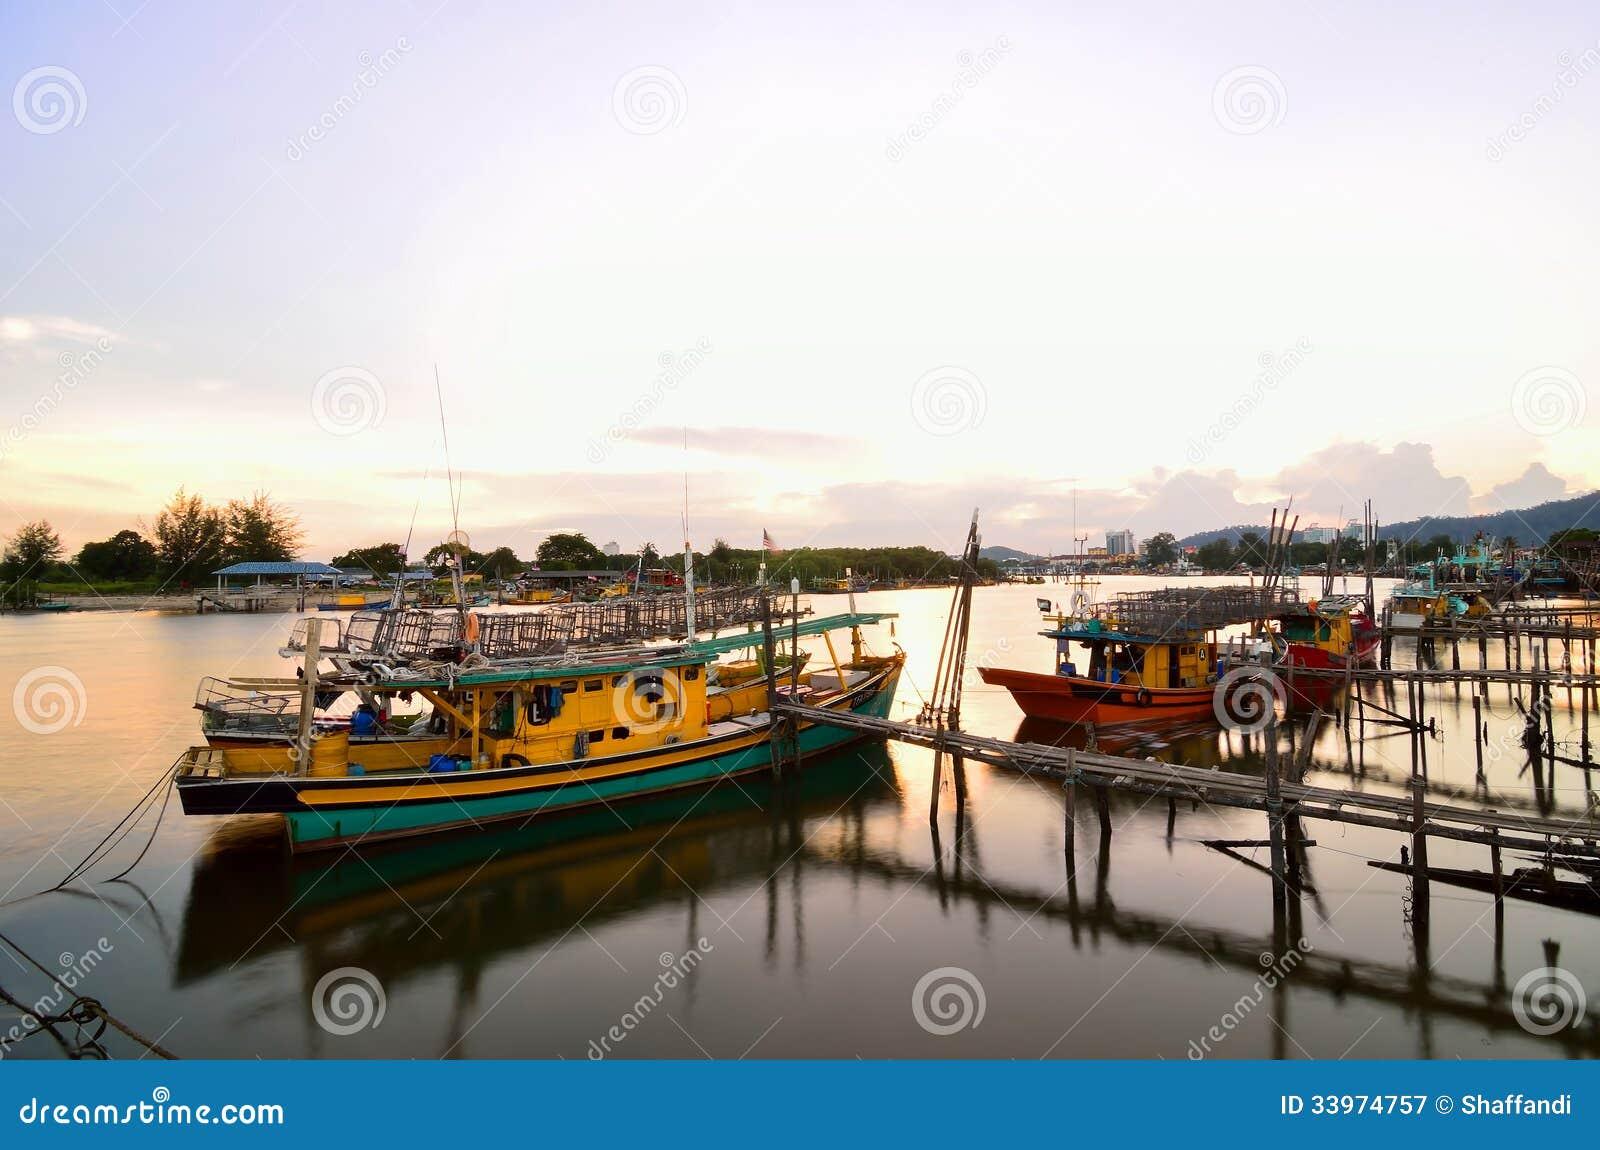 Boats park at Esplanade Tanjung Api, Kuantan, Pahang, Malaysia